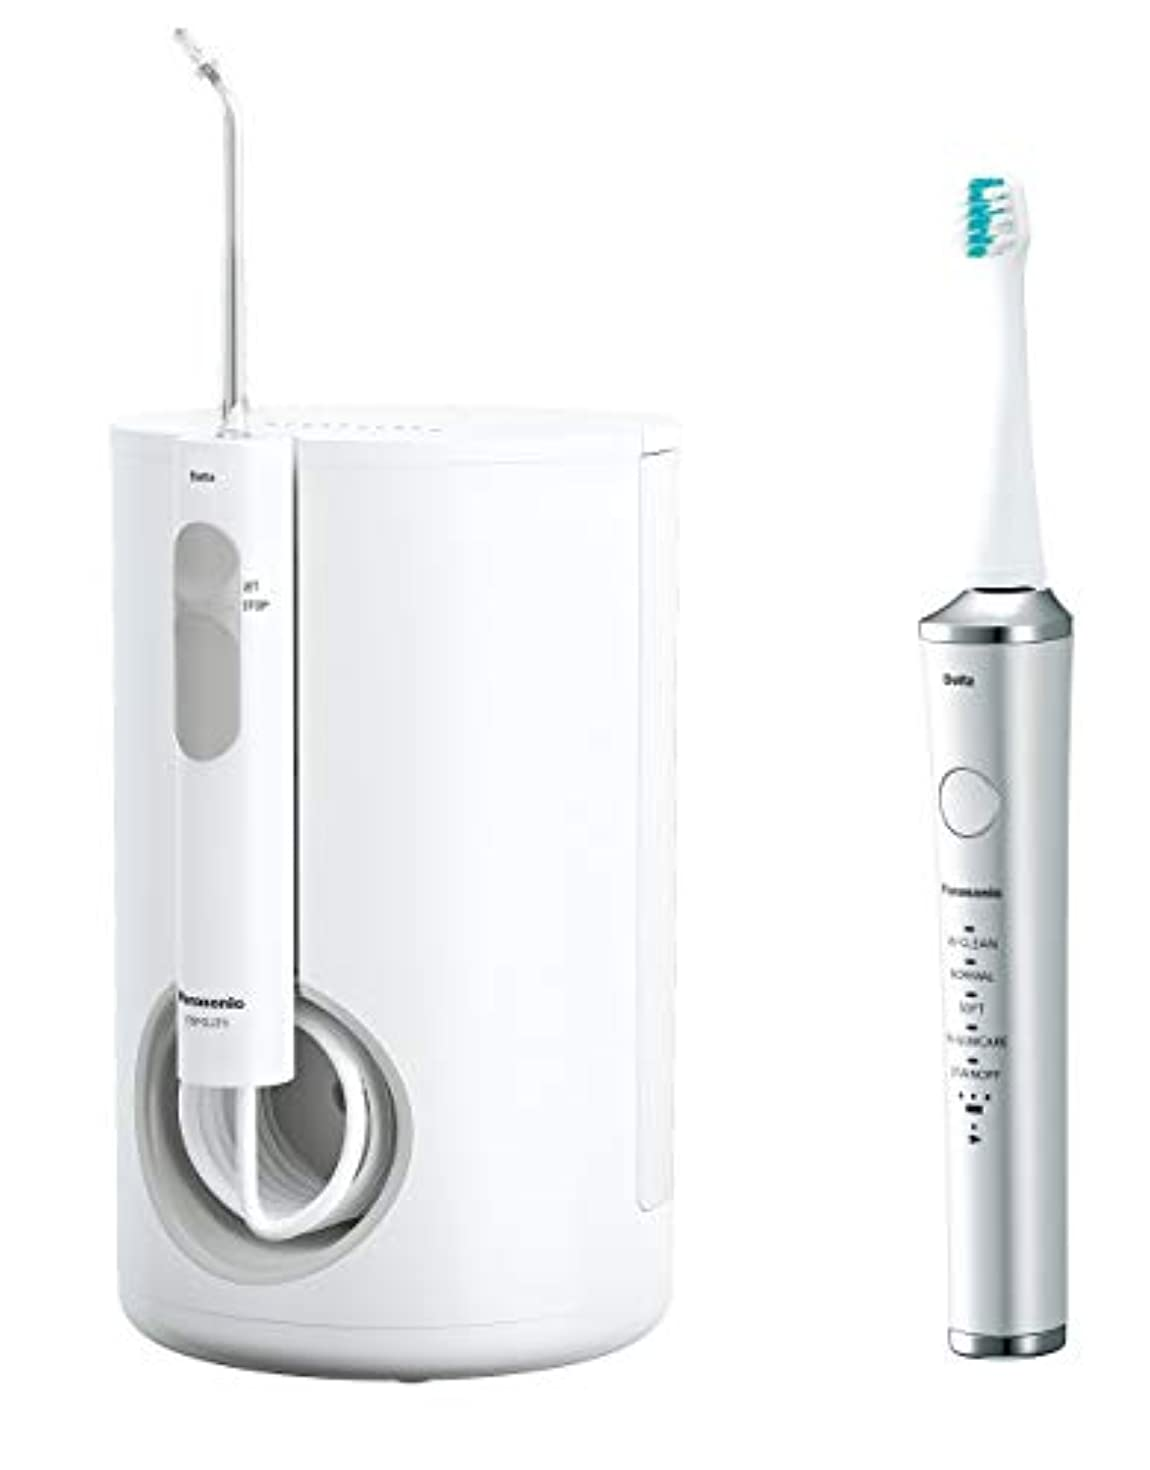 ナチュラル一般化する自己尊重パナソニック 口腔洗浄器 ジェットウォッシャー ドルツ 白 EW-DJ71-W + 電動歯ブラシ ドルツ セット